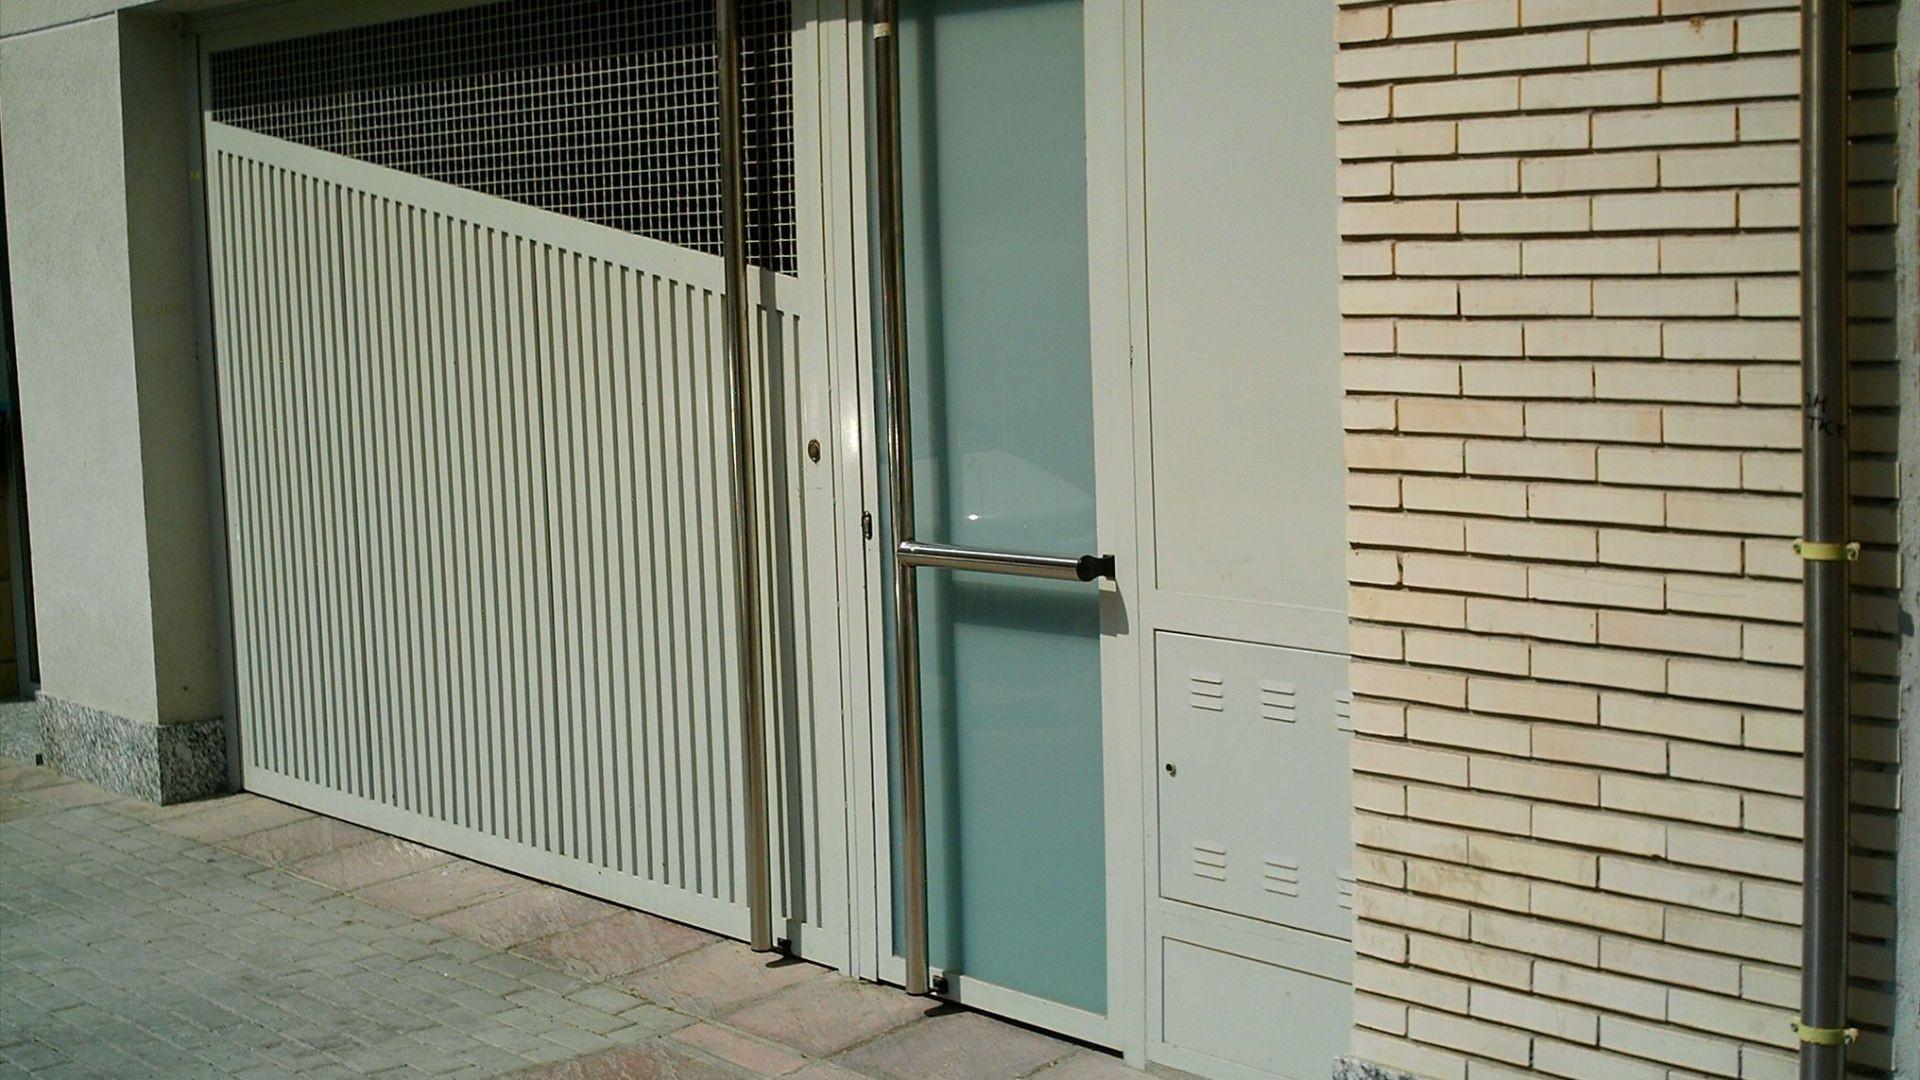 puerta de entrada de vehiculos y peatonal acceso a garaje